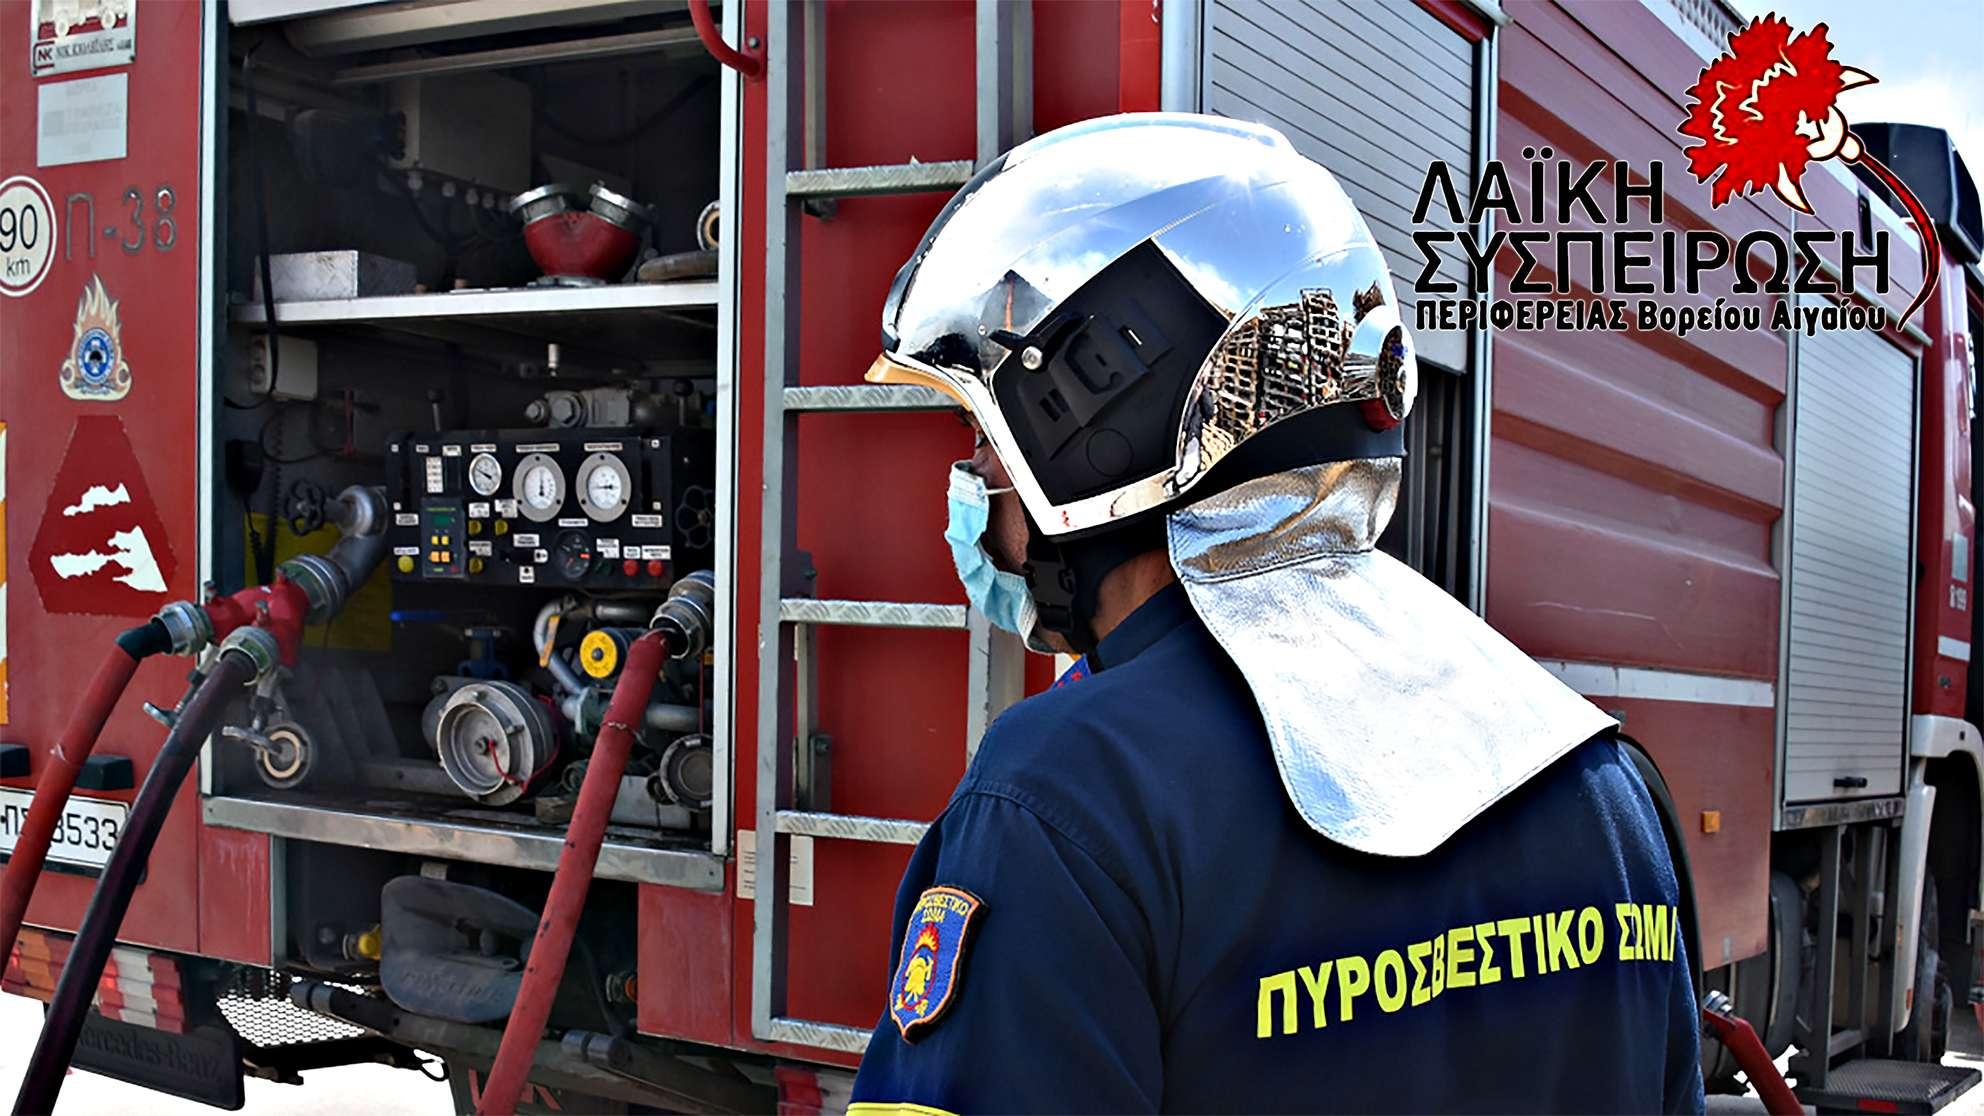 Η εγκληματική αδιαφορία τους σκοτώνει θάνατος πυροσβέστη στη Χίο